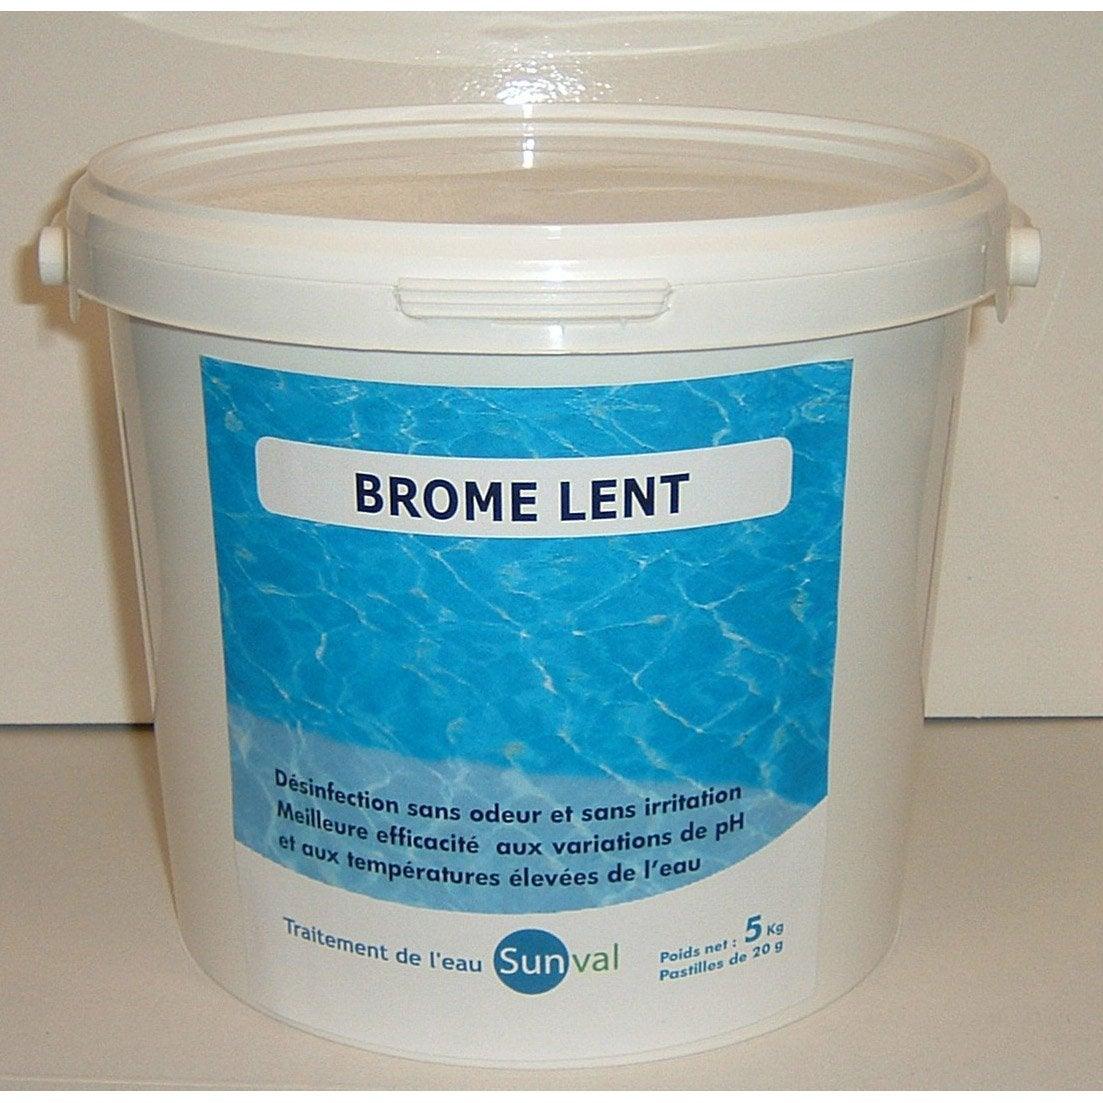 brome lent piscine pastille 5 kg leroy merlin